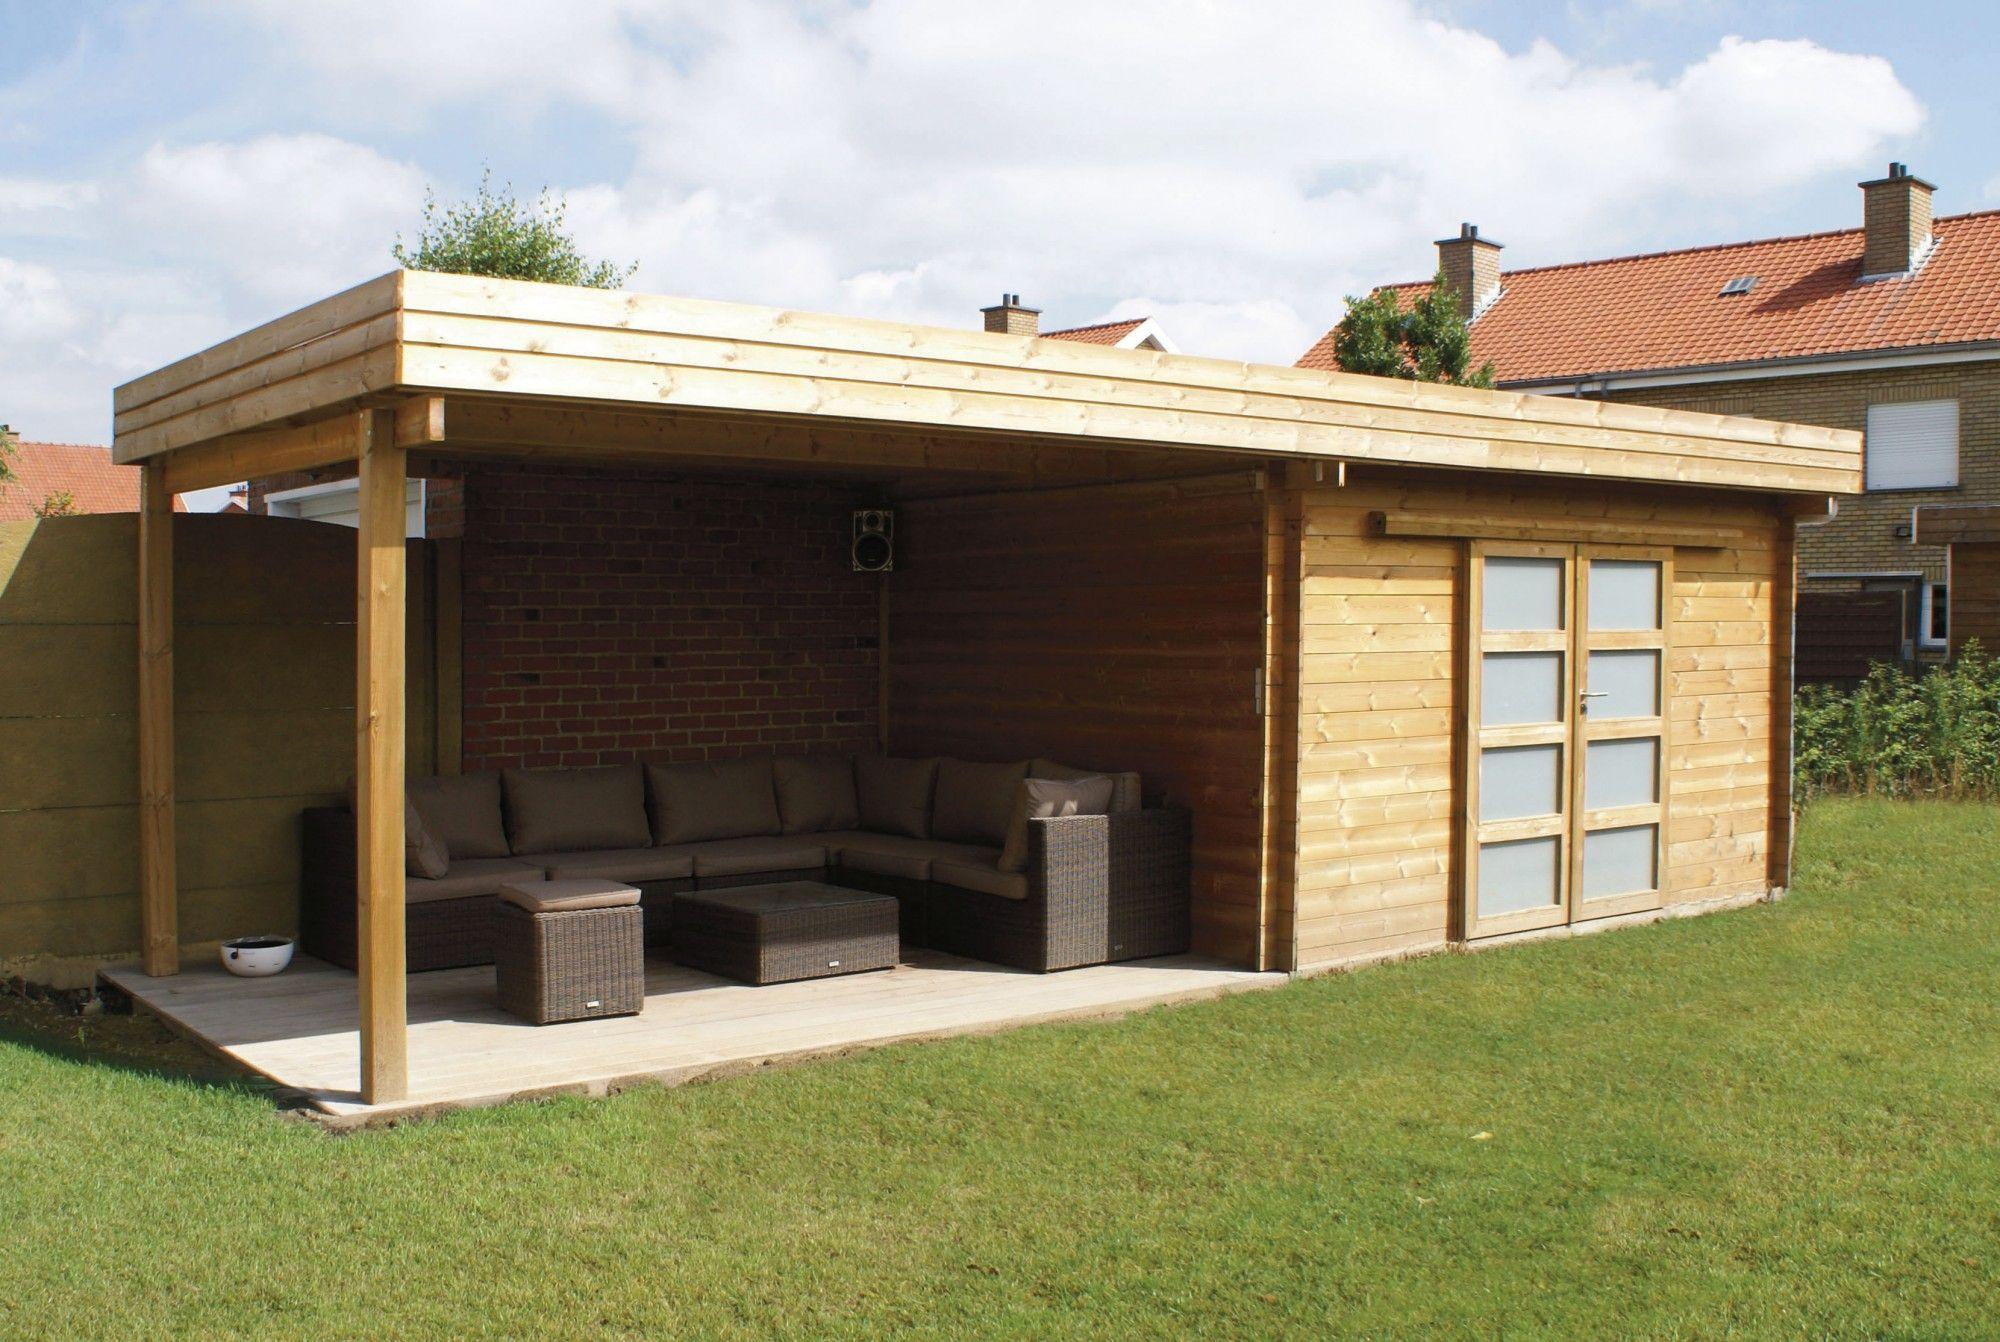 abri de jardin chalet et jardin modèle abri de jardin pour rangement piscine 33